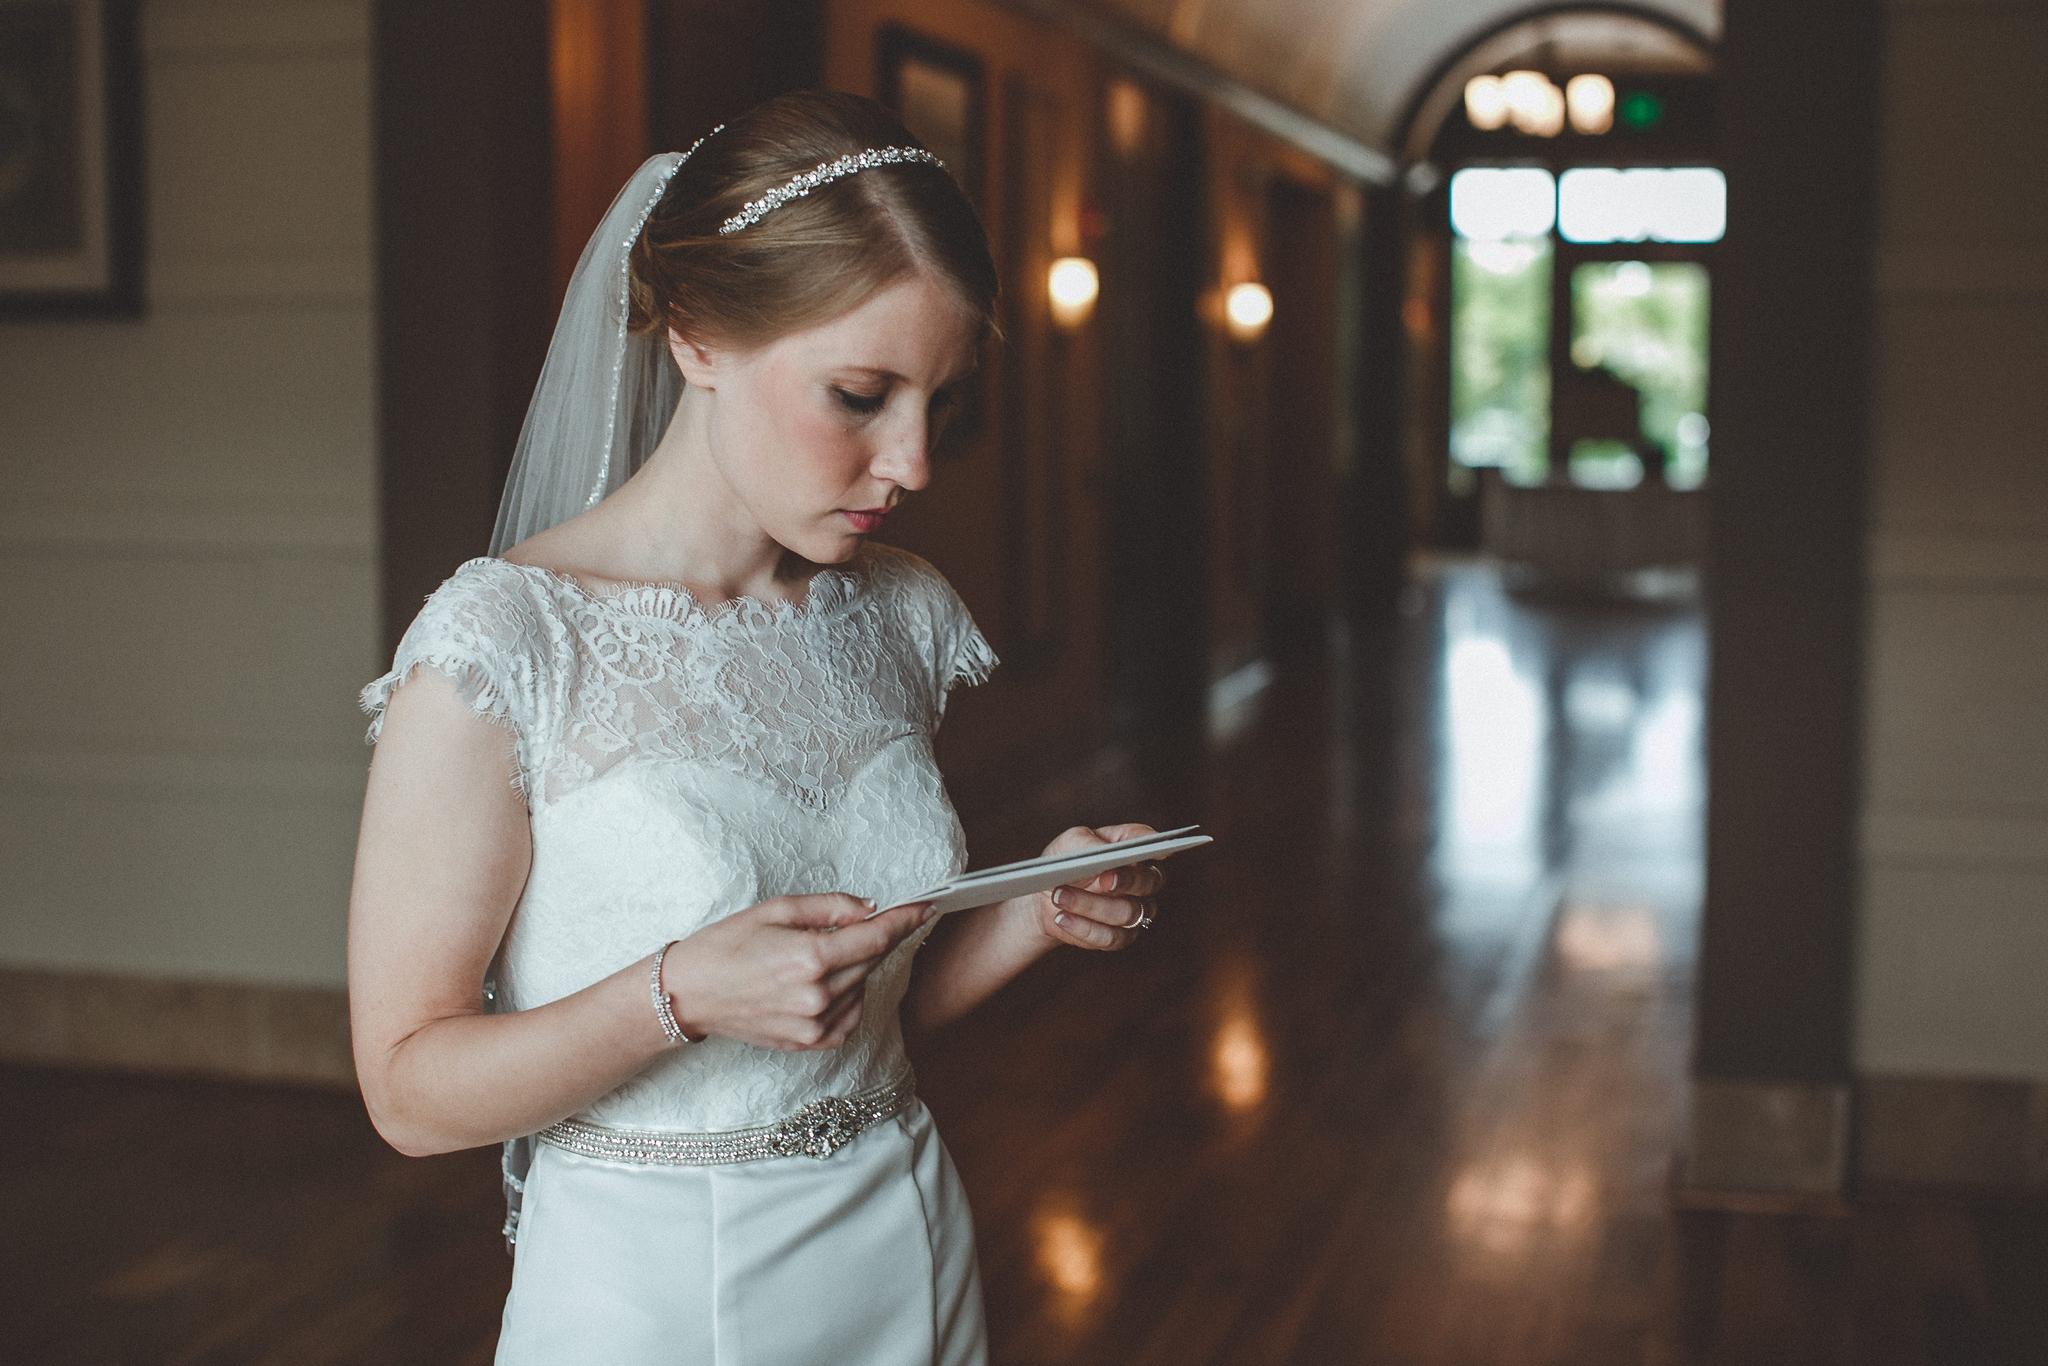 noahs_event_venue_naperville_IL_wedding_photographer_0010.jpg